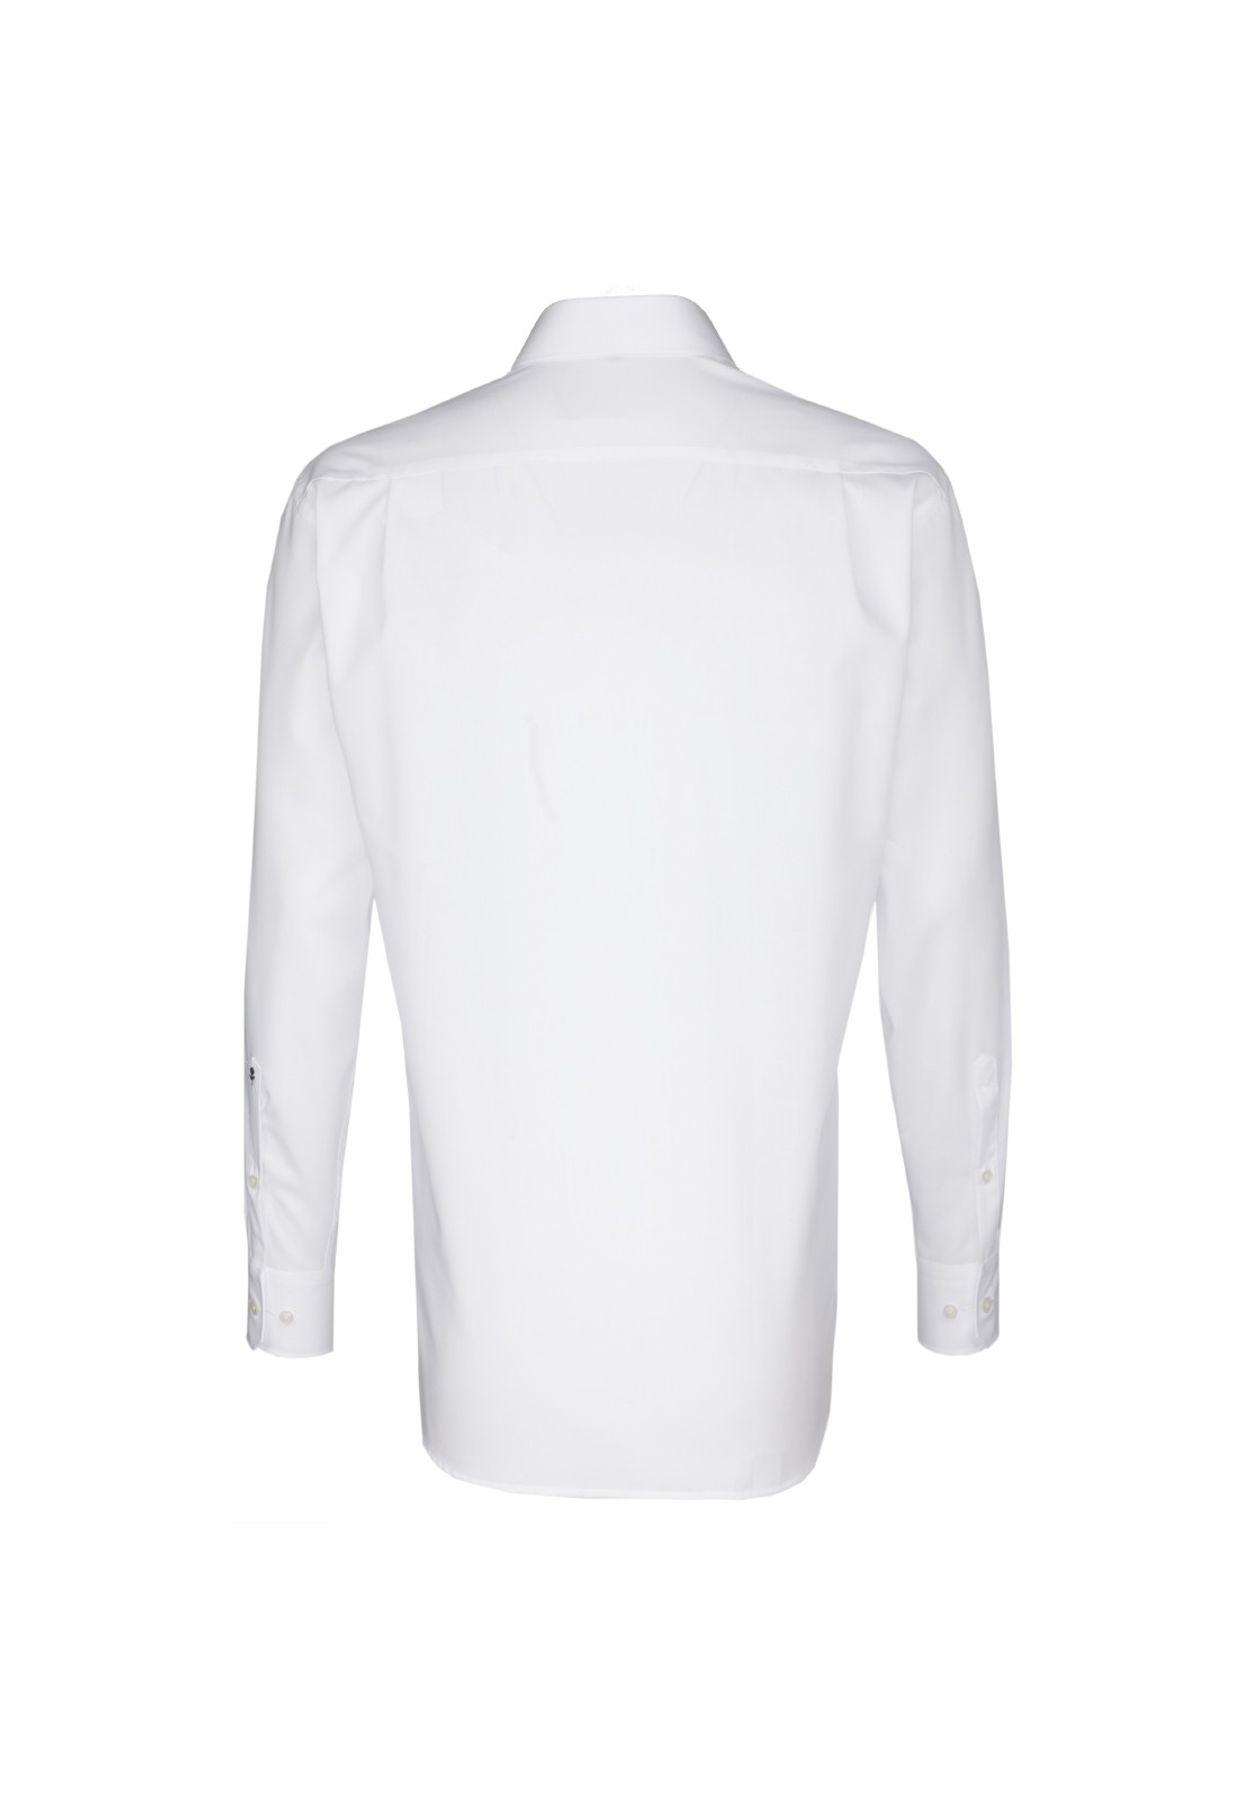 Seidensticker - Herren Hemd, Bügelfrei, Modern, Splendesto mit Kent Kragen in verschiedenen Farben (01.111846) – Bild 2